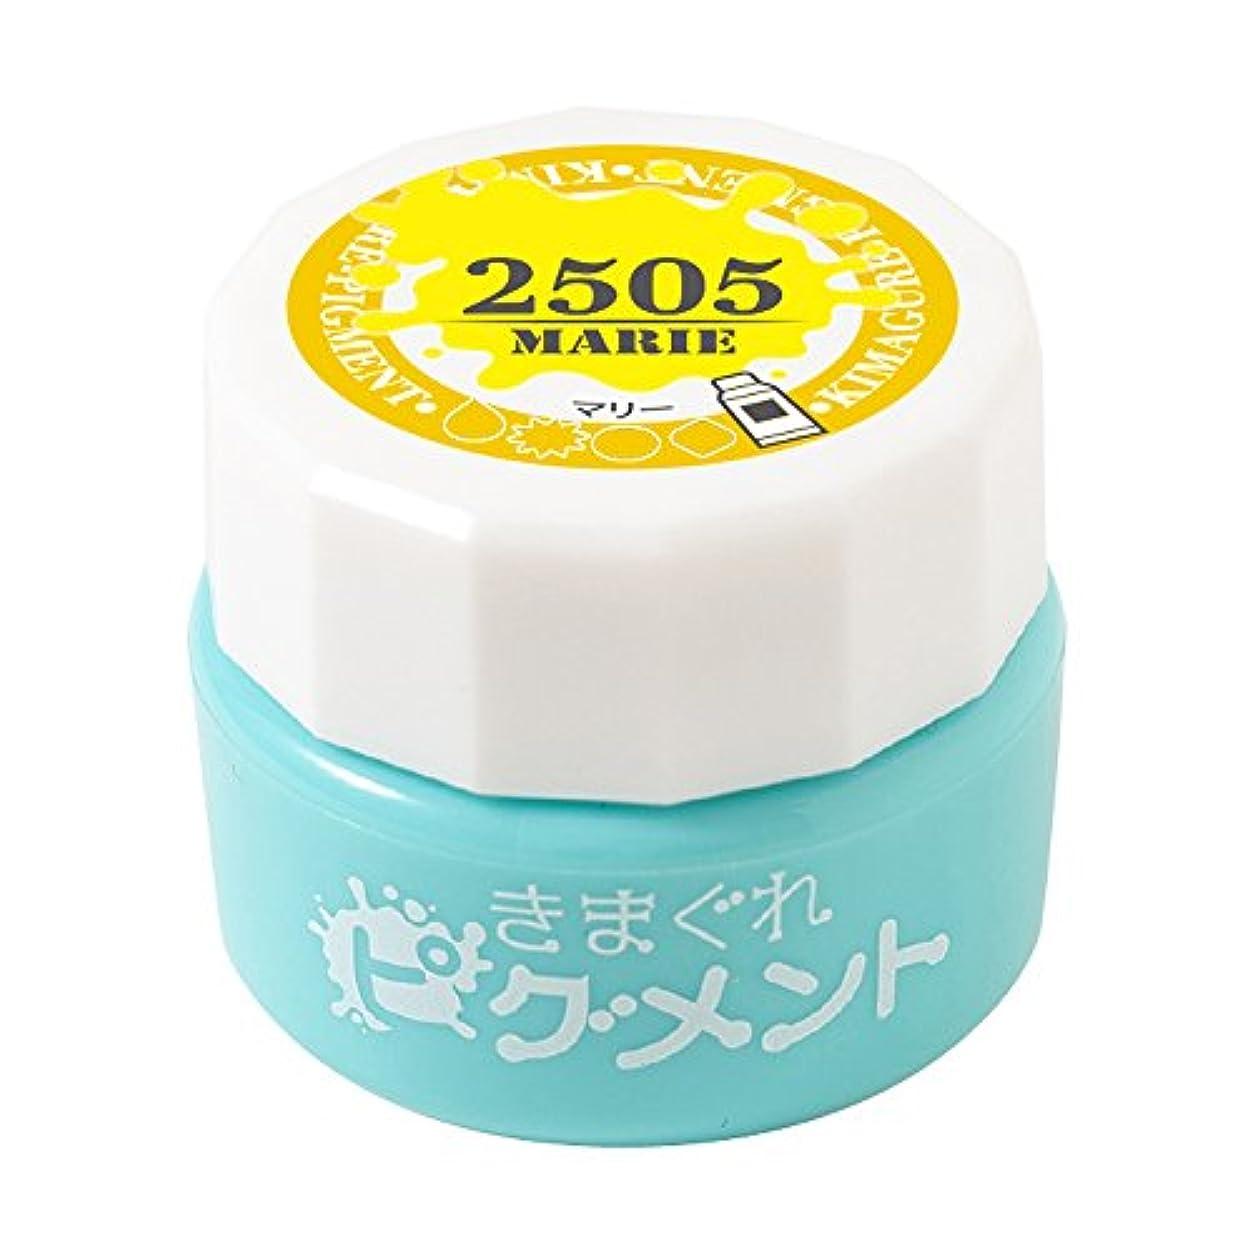 服を洗う森増強Bettygel きまぐれピグメント マリー QYJ-2505 4g UV/LED対応